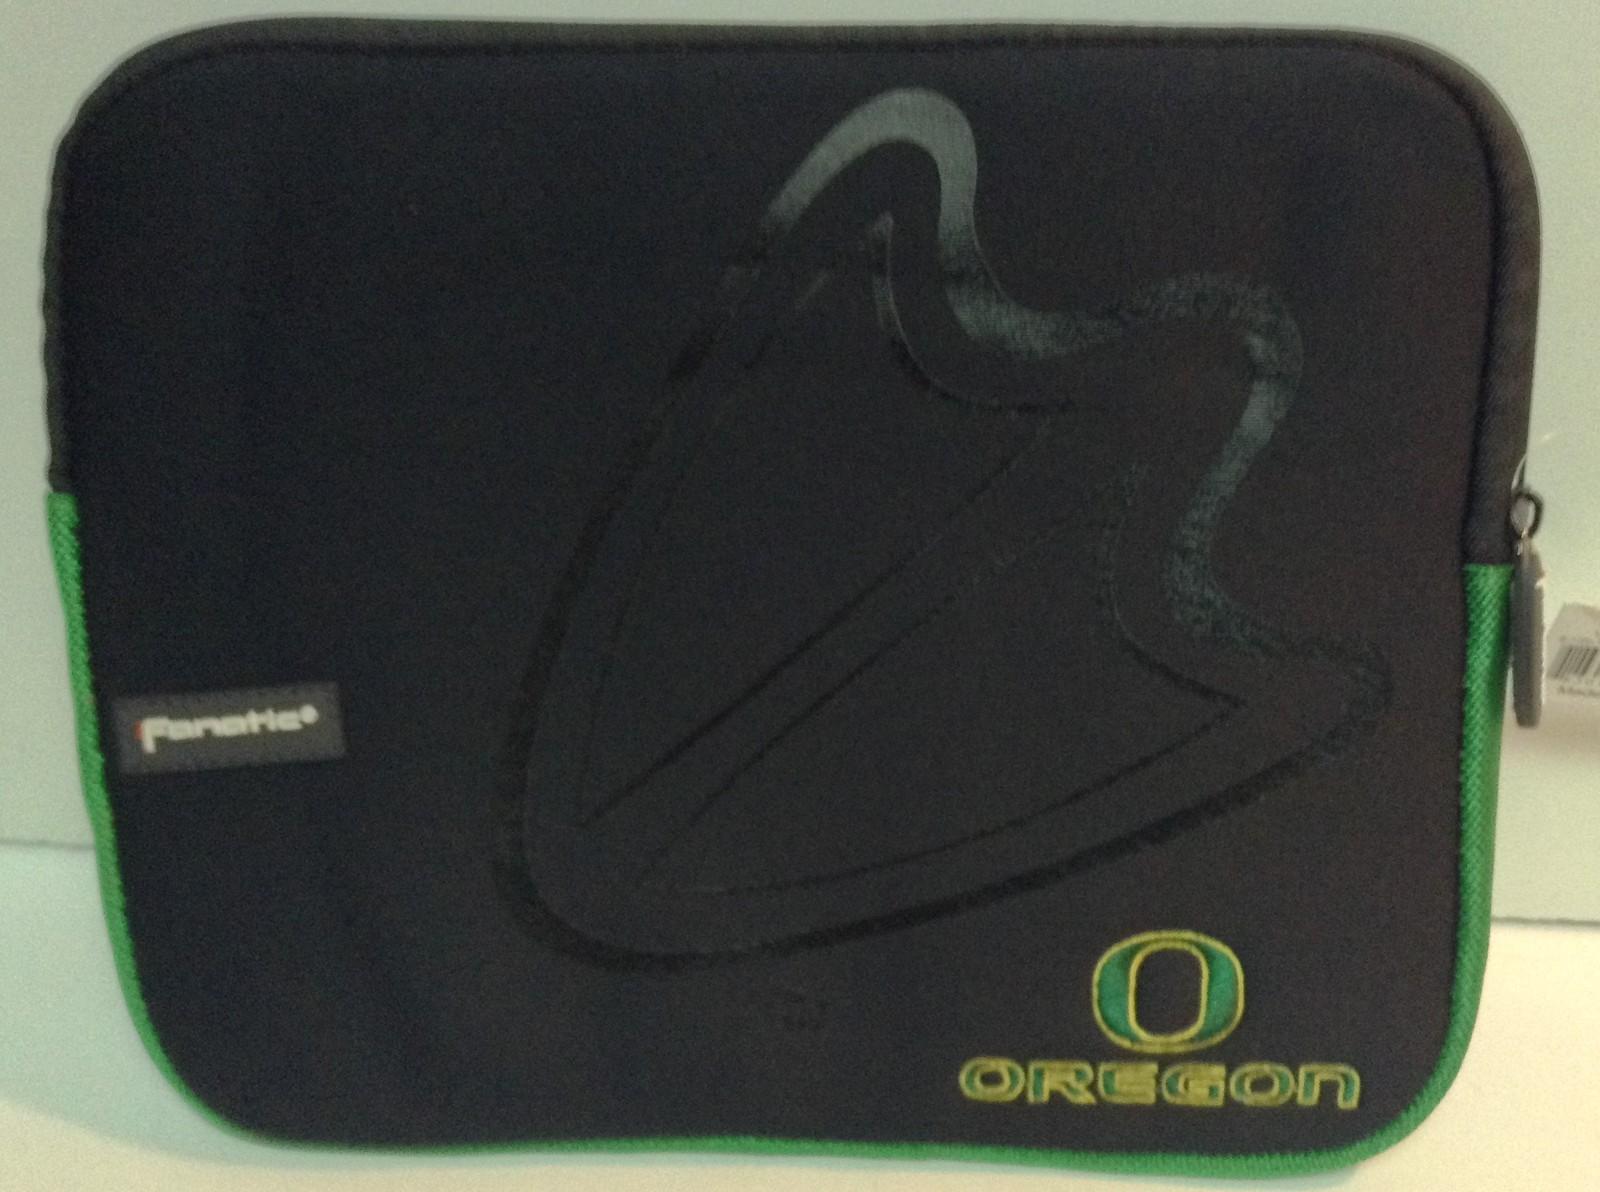 Oregon University Ipad Laptop Protection Case